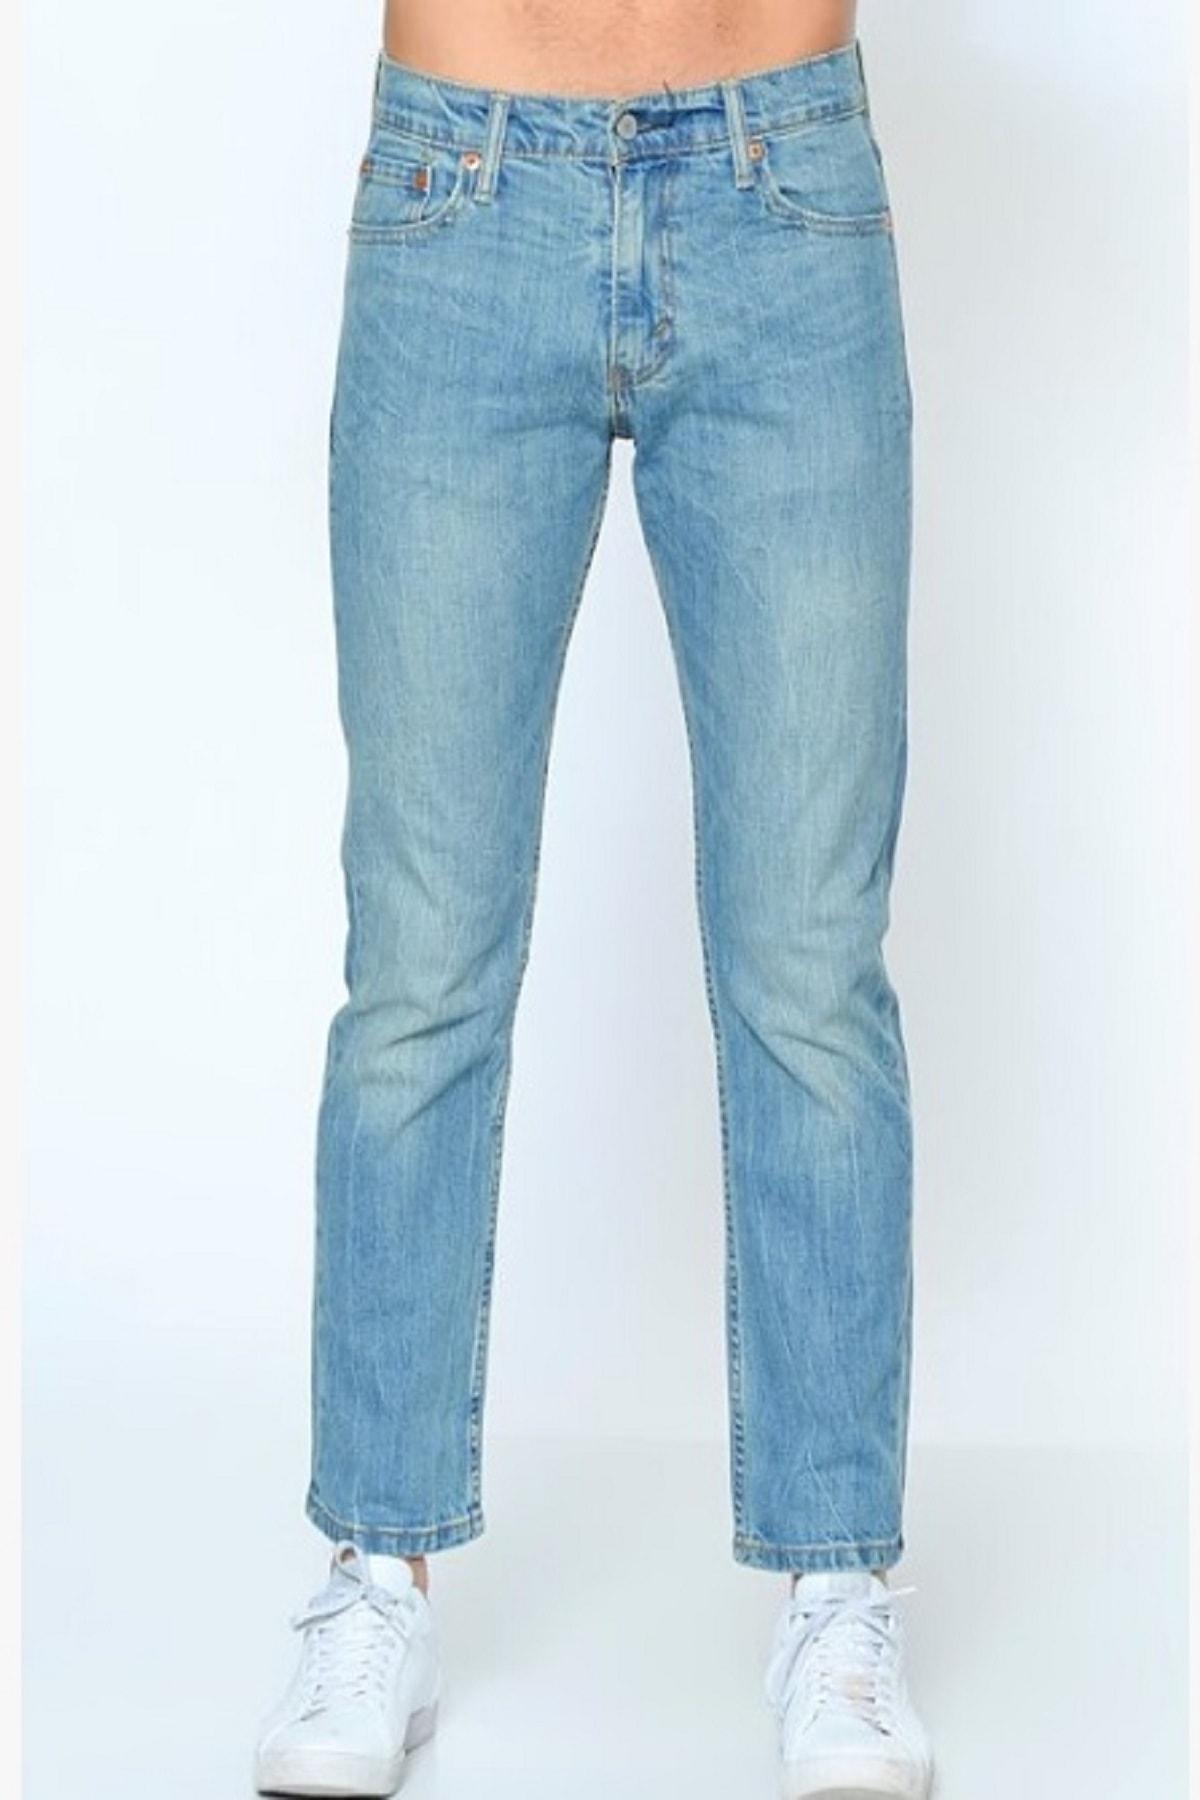 Levi's Erkek Açık Mavi Jeans Pantolon 29990-0478 2